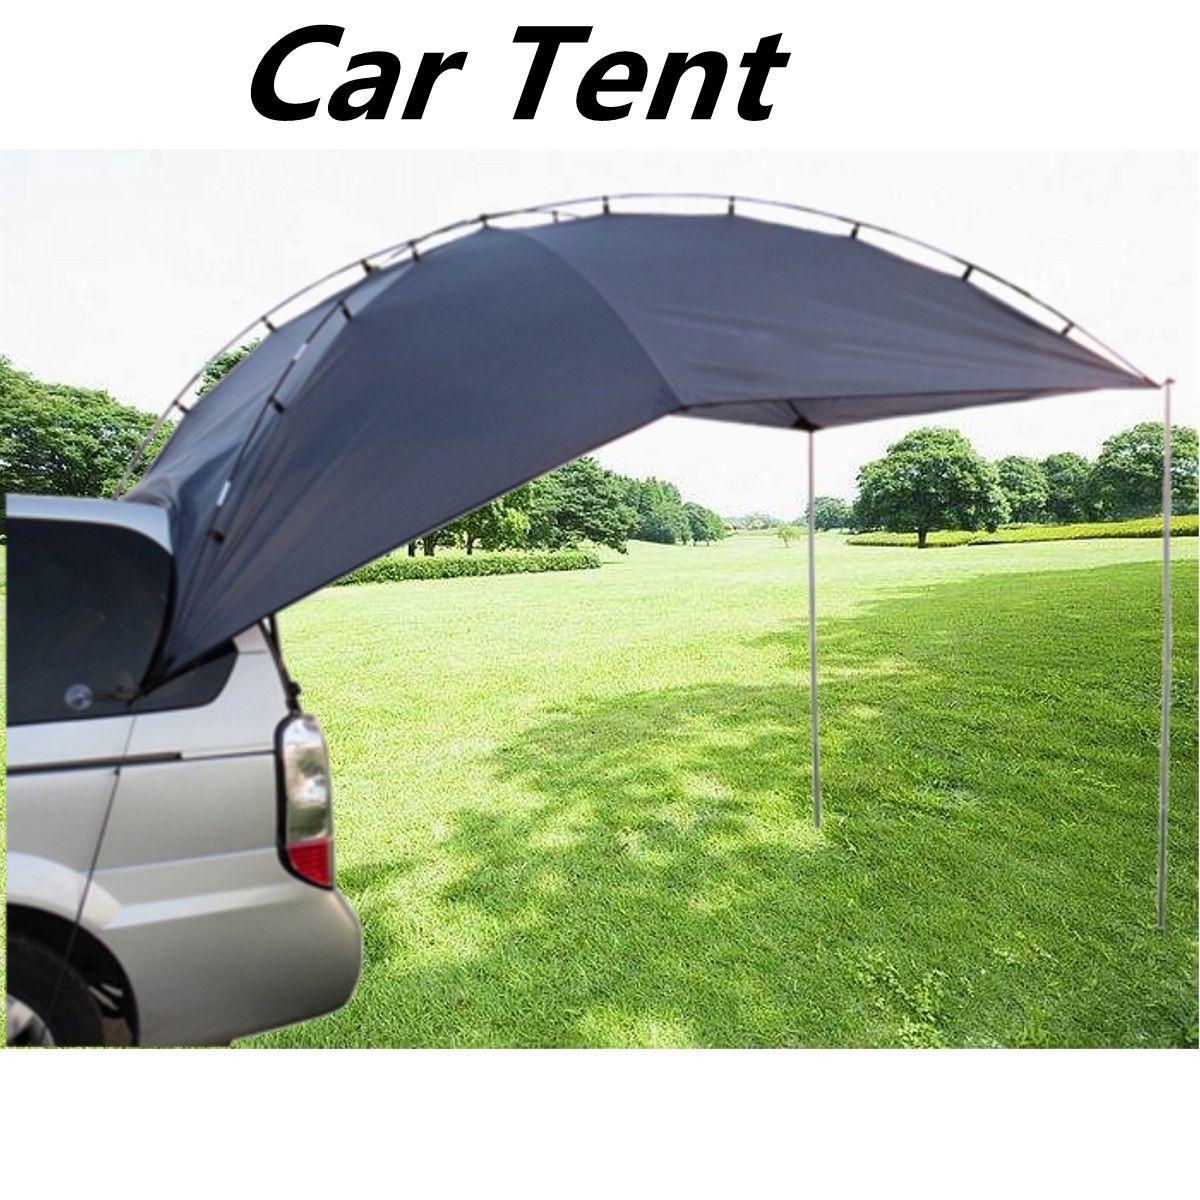 Tente Portable toit de voiture équipement de plein air camping voiture tente auvent voiture queue ledger voiture auvent